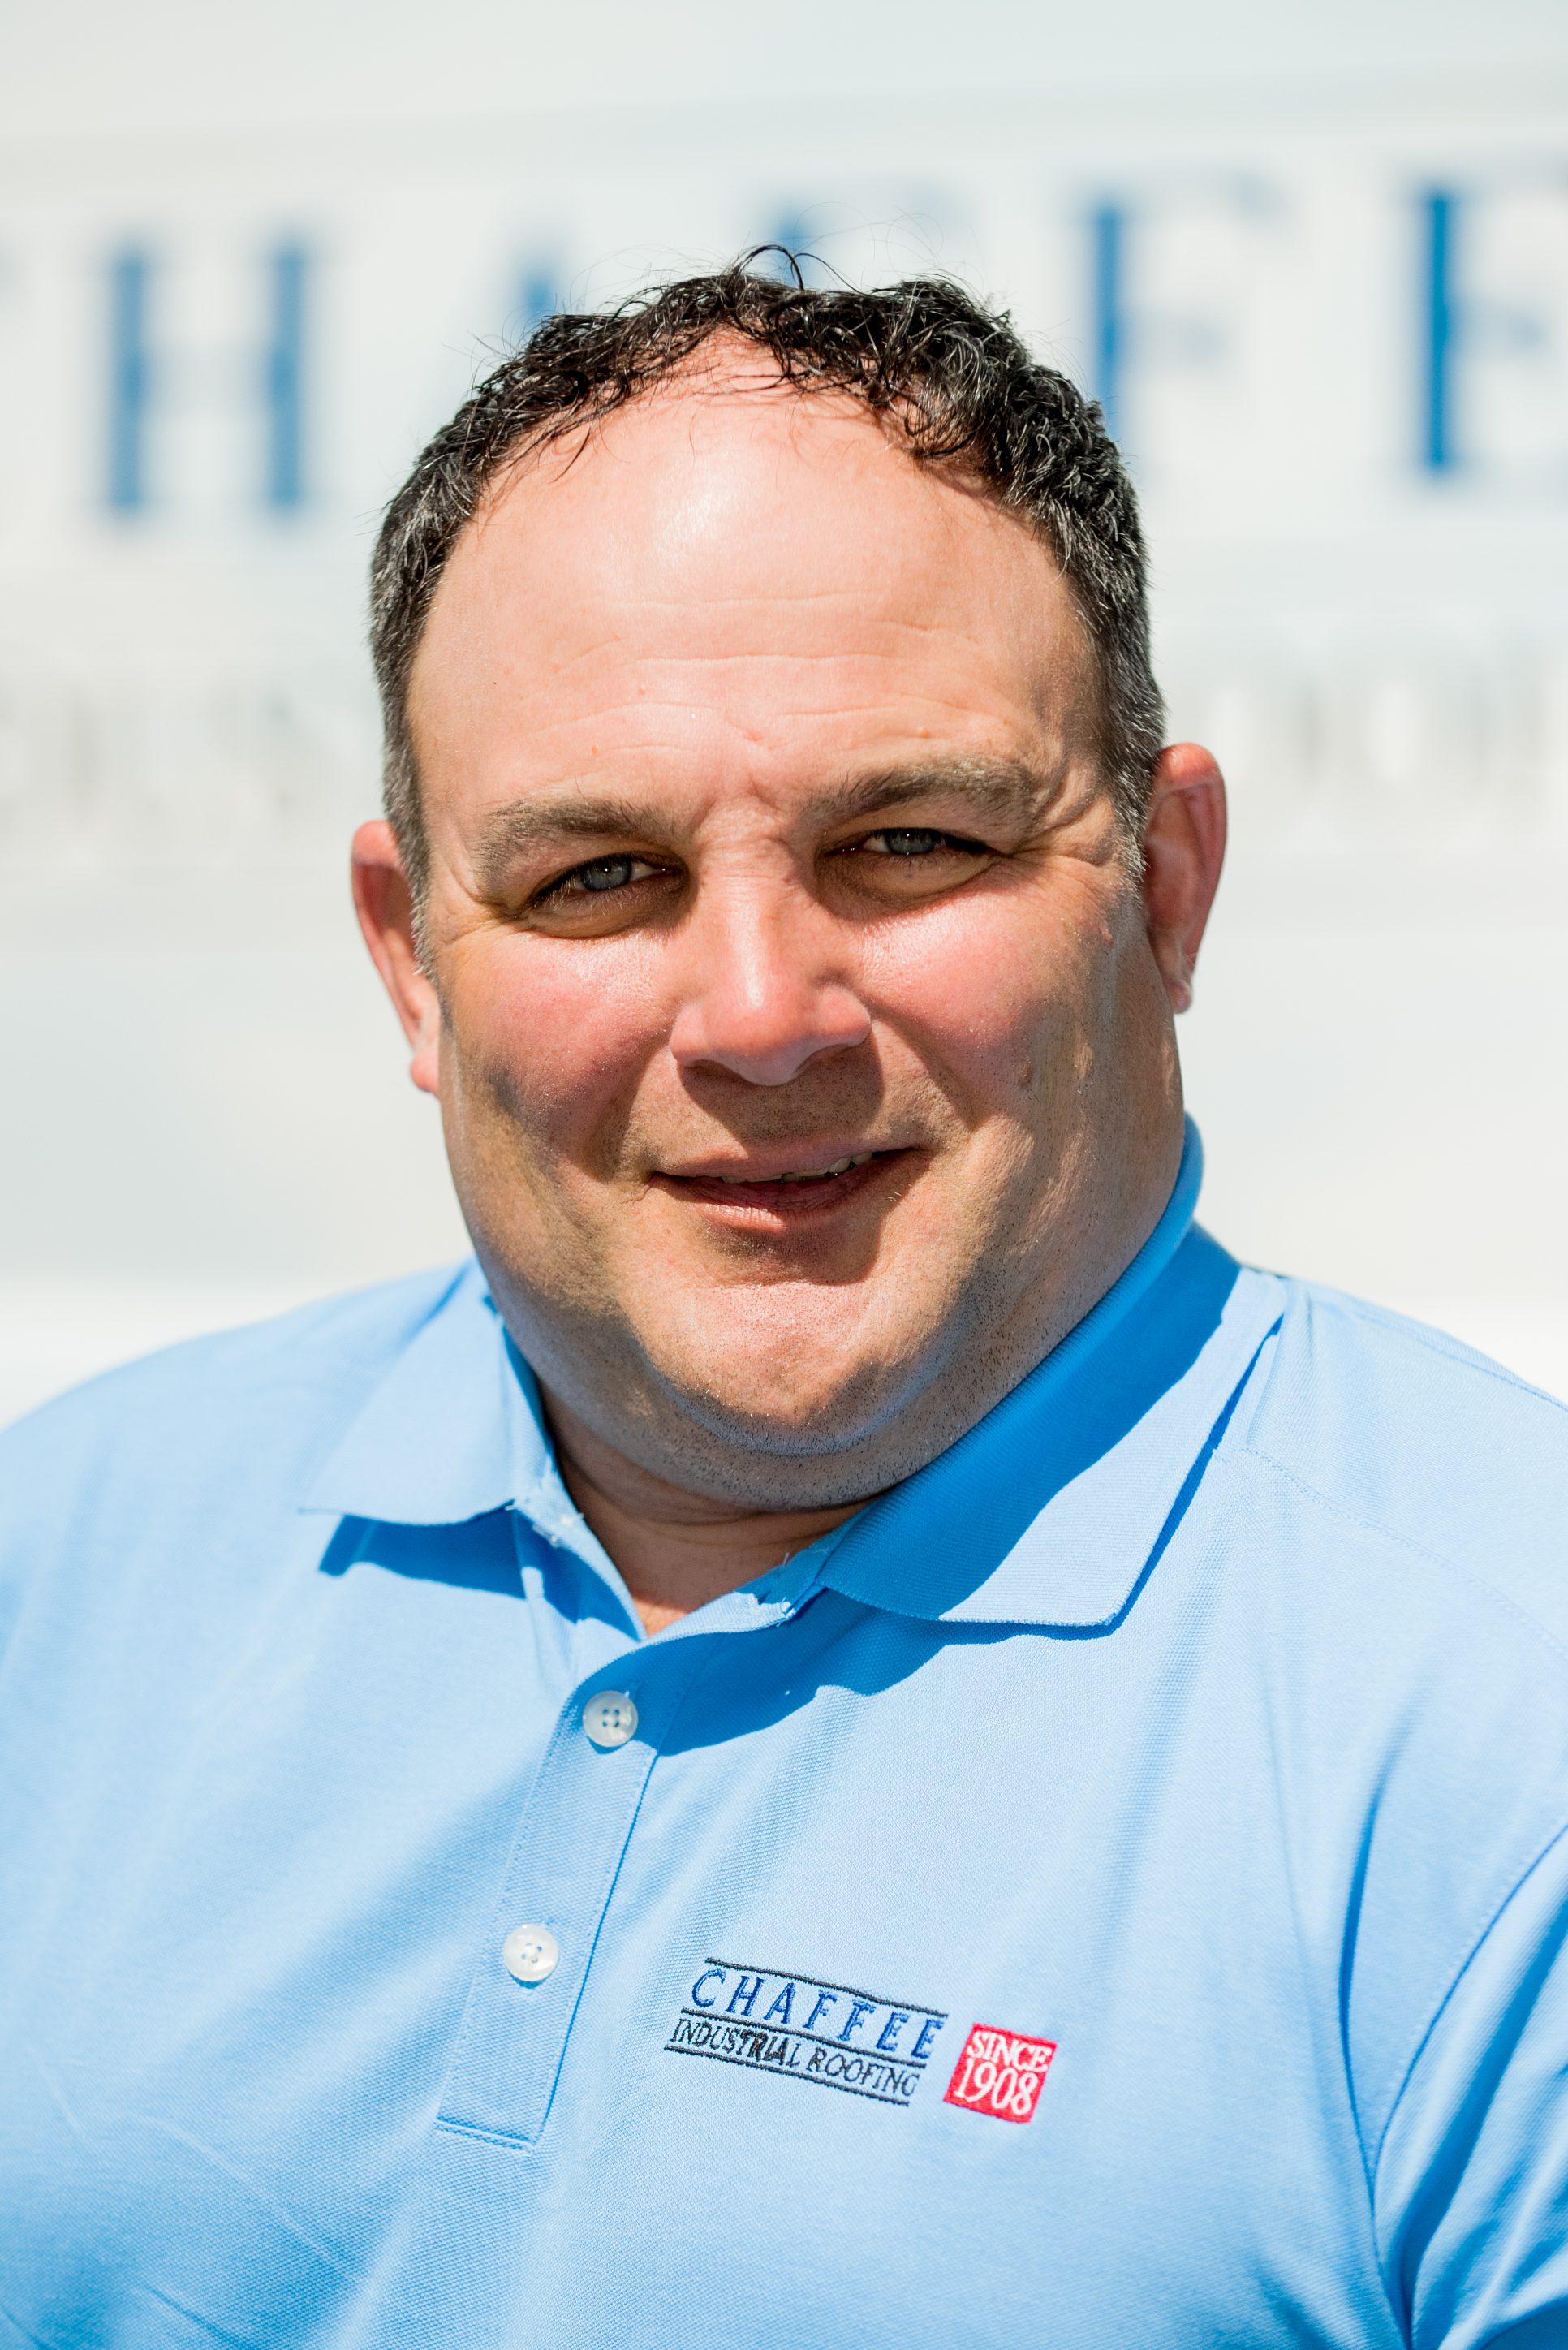 Jeff Zielke